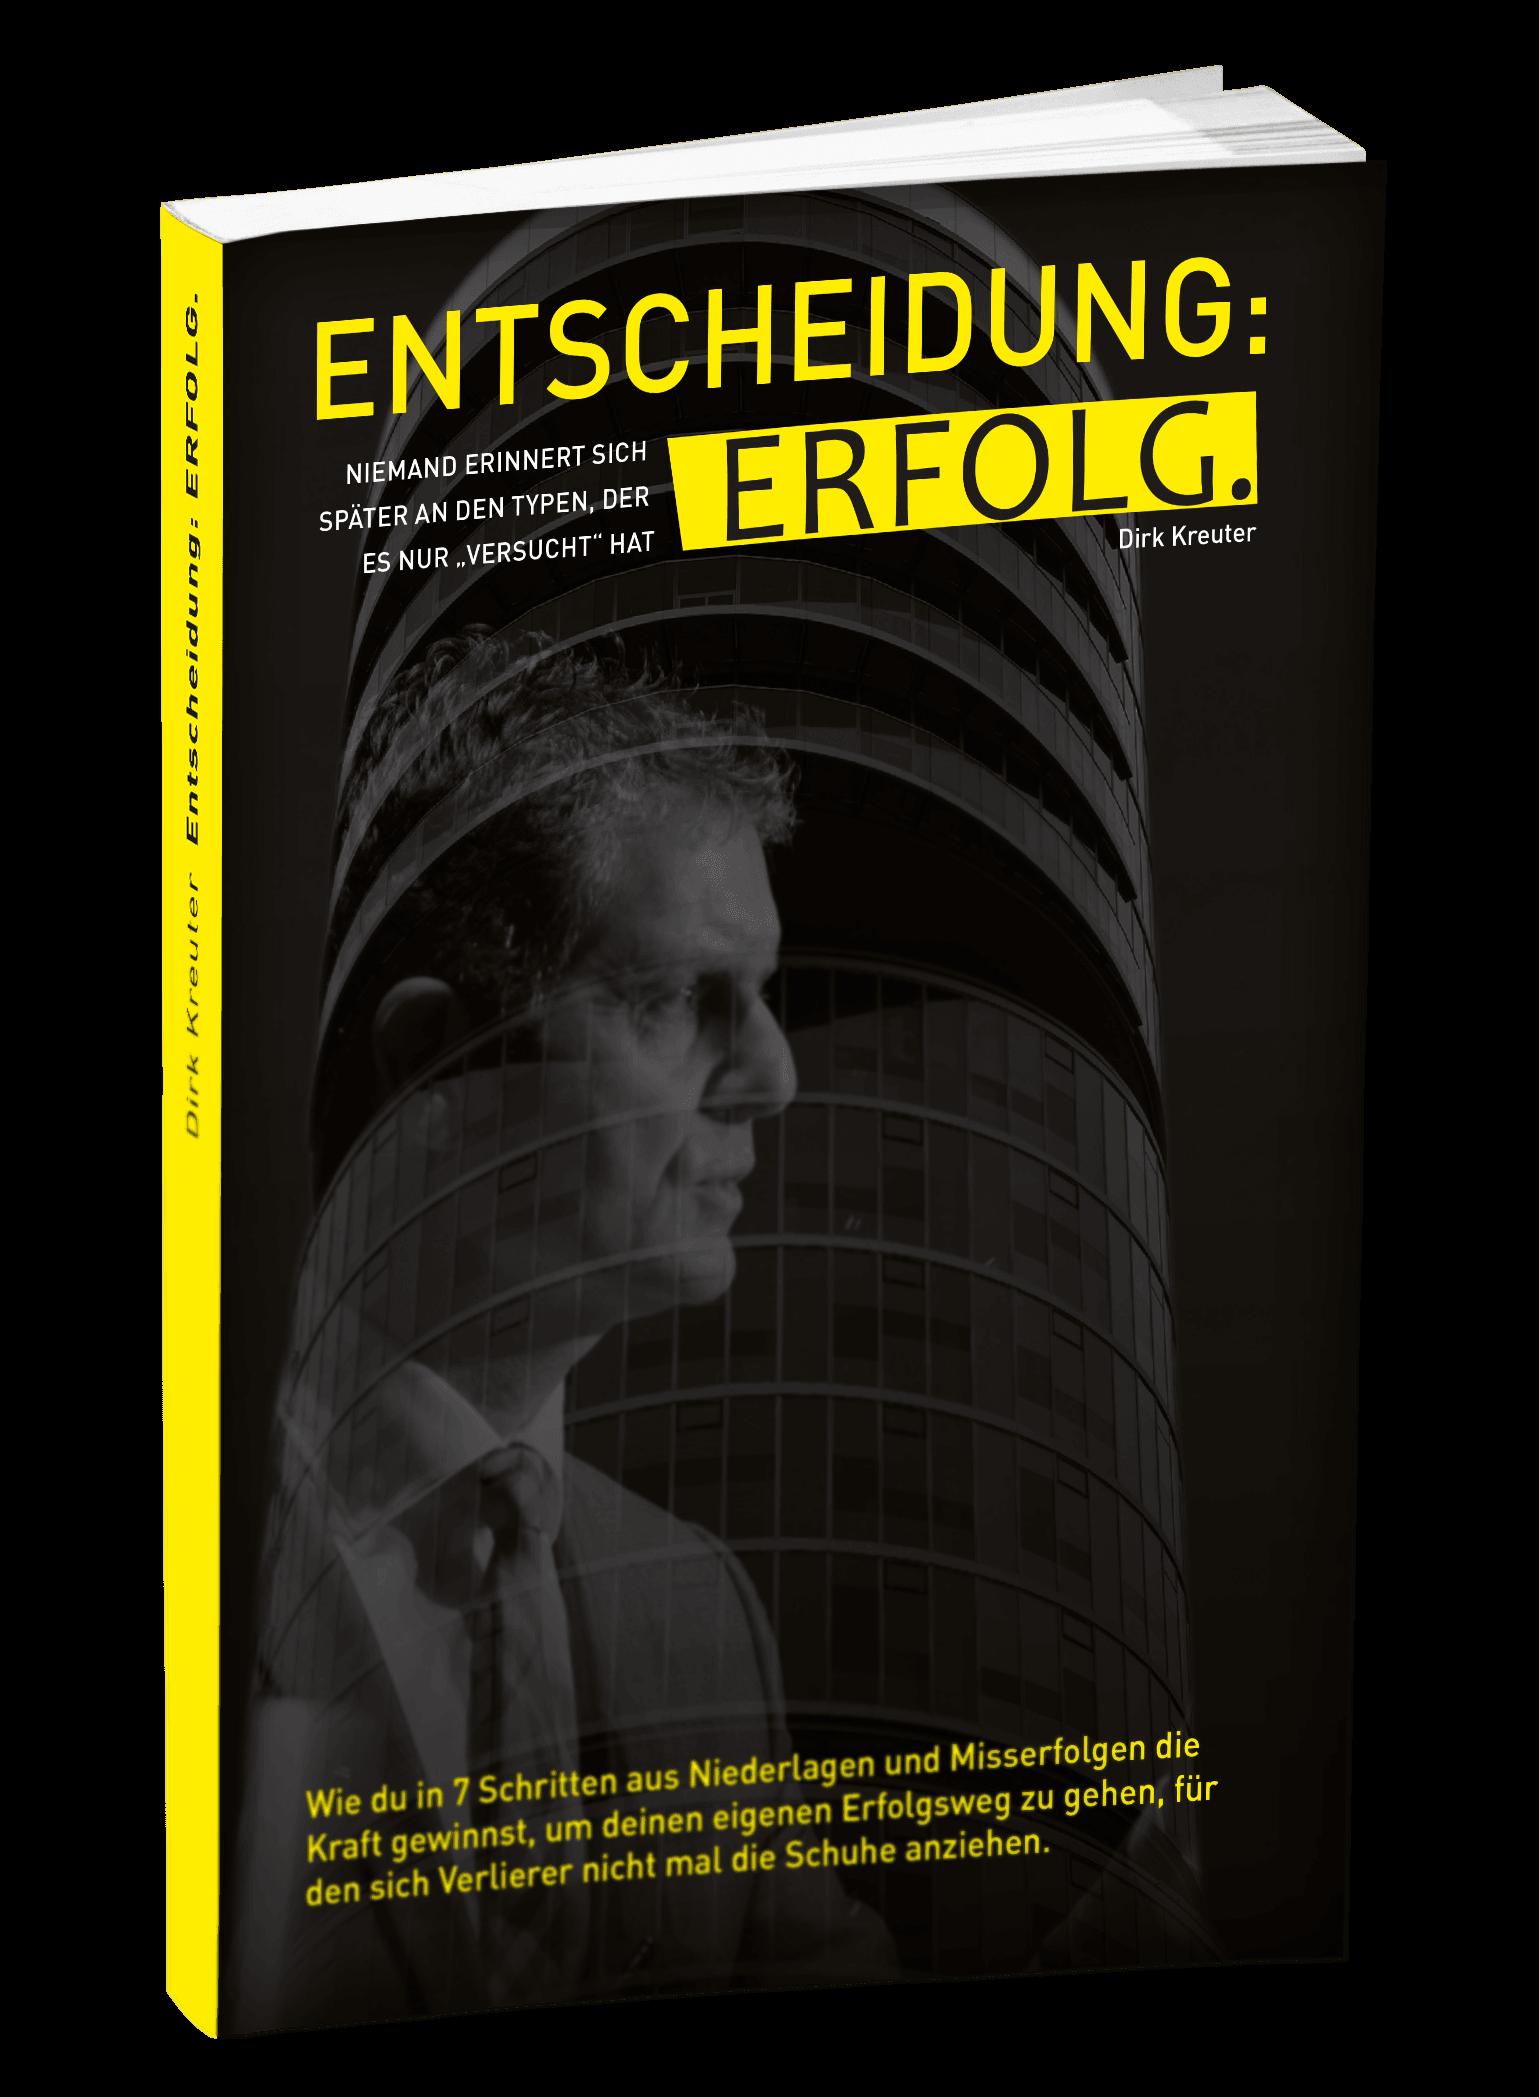 Dirk Kreuter - Entscheidung und Erfolg (GRATIS) - Für Verkäufer, Selbstständige, Führungskräfte, Auszubildende und jeden Menschen, der erfolgsorientiert ist und etwas zu verkaufen hat oder zukünftig verkaufen will. Mehr erfahren